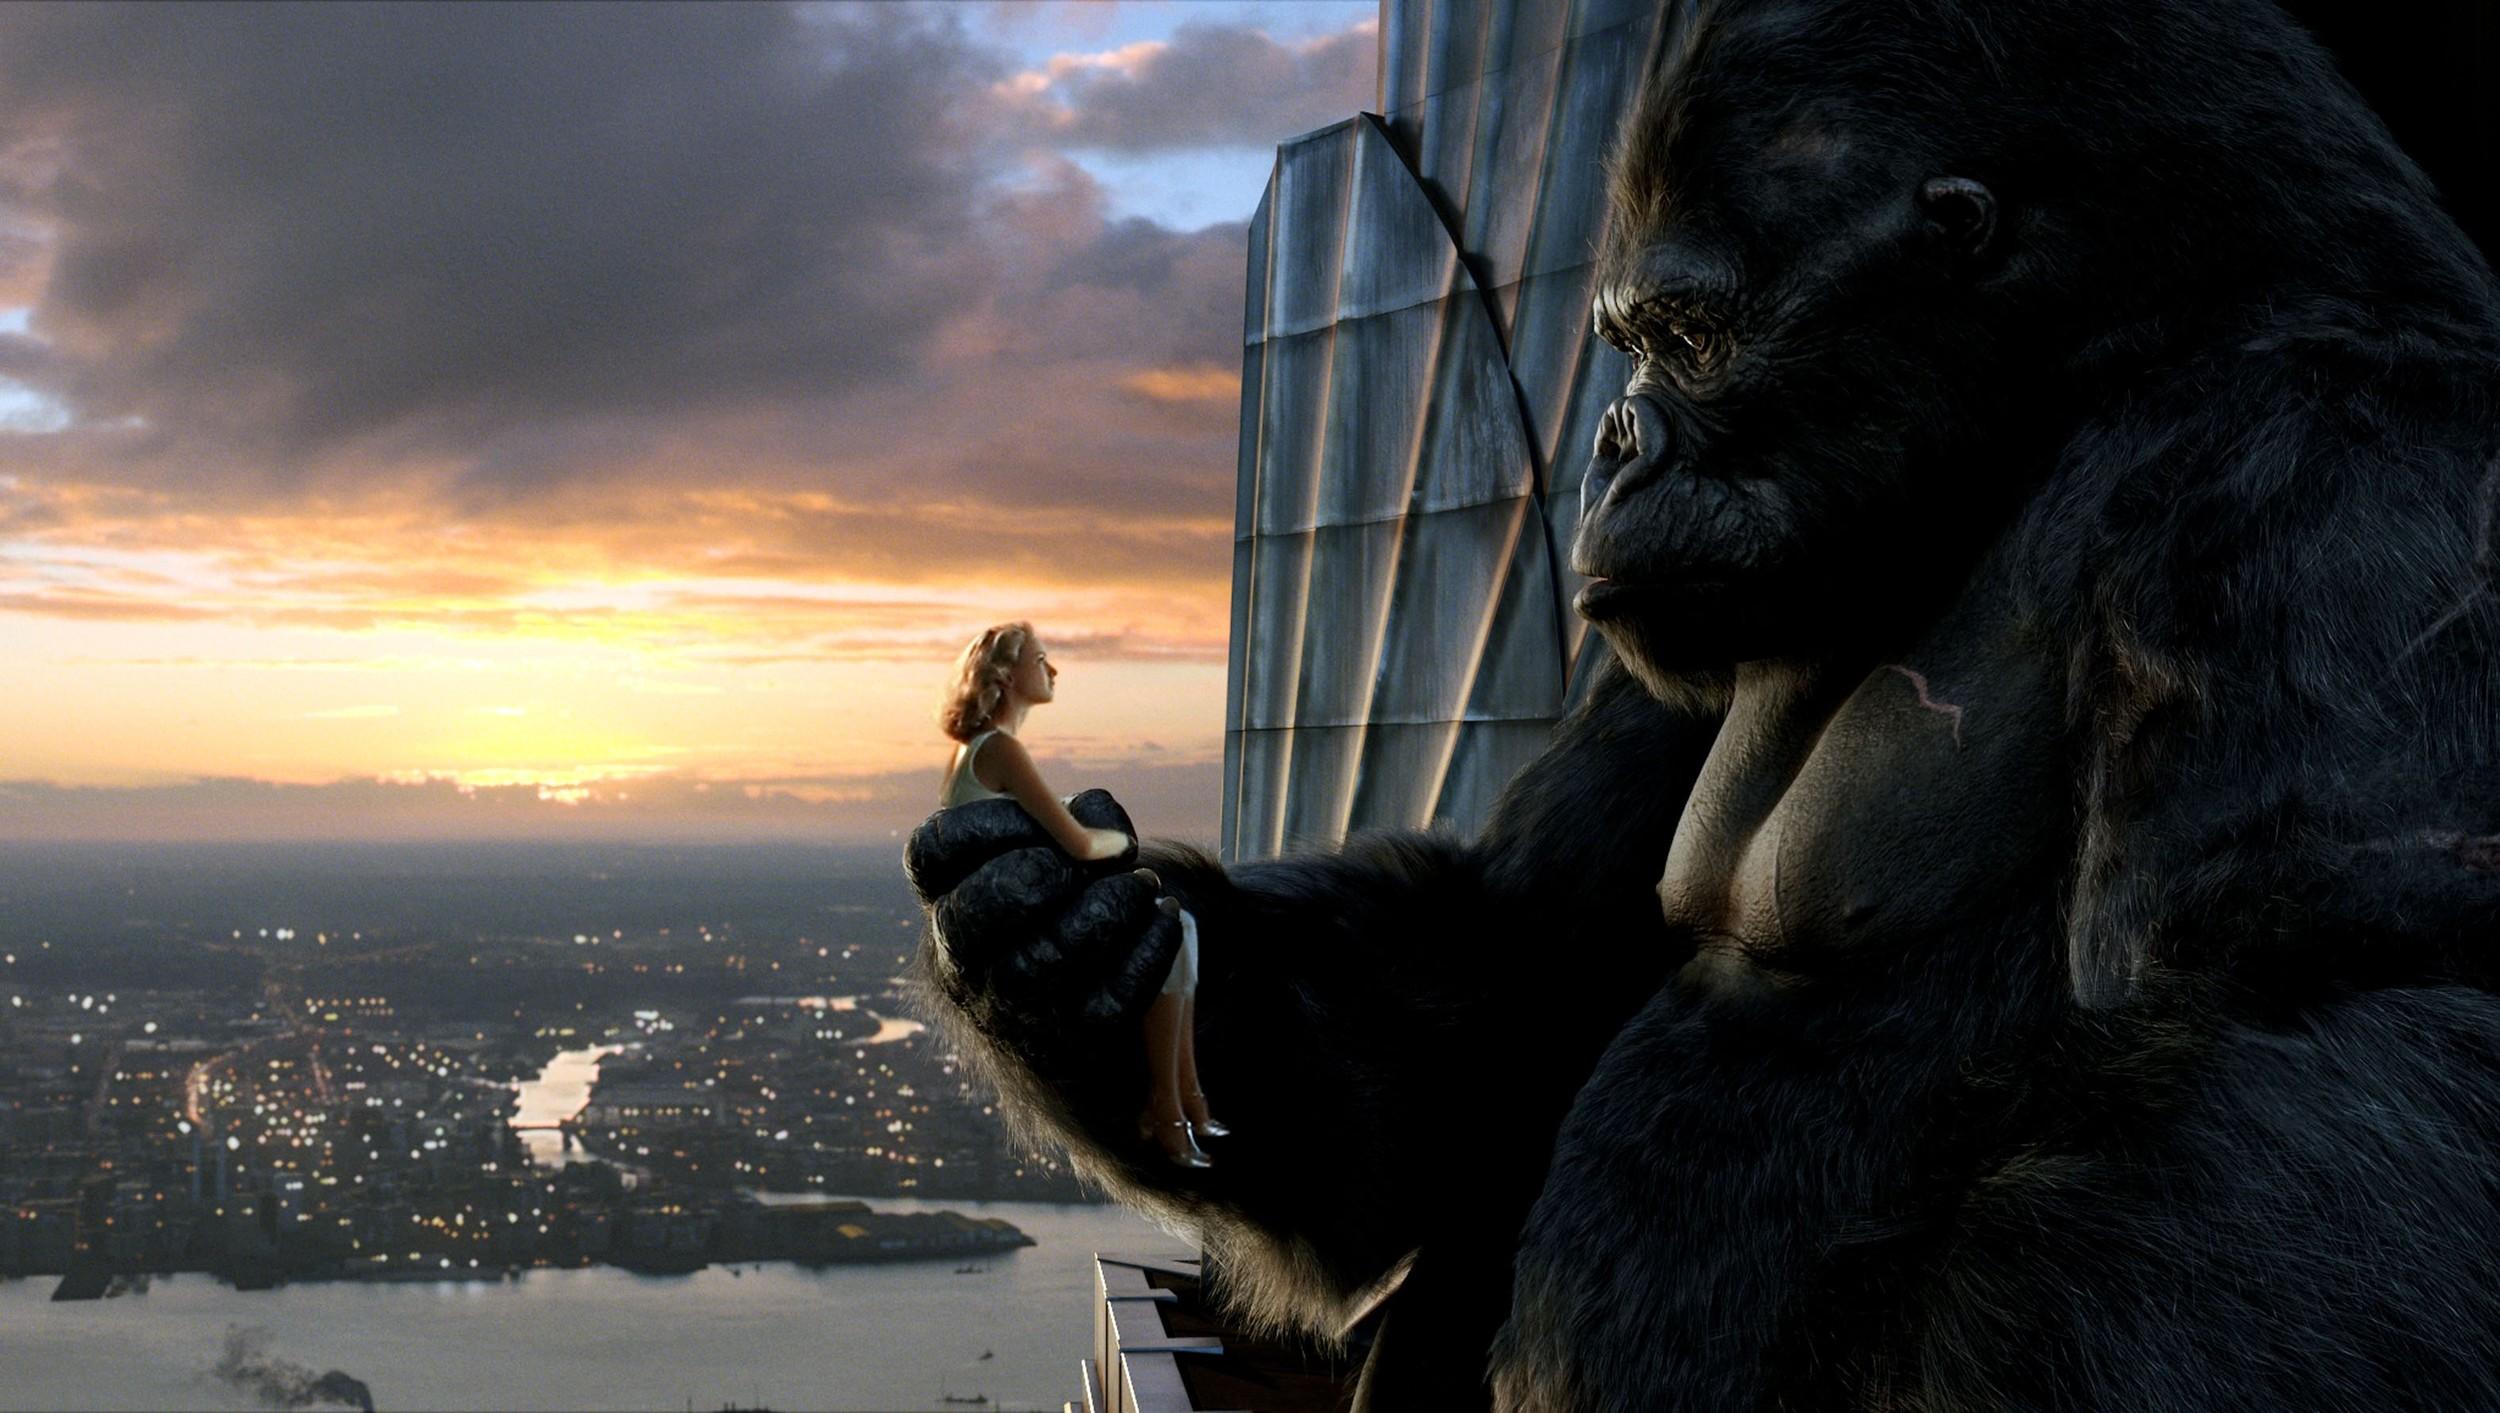 King Kong and girl